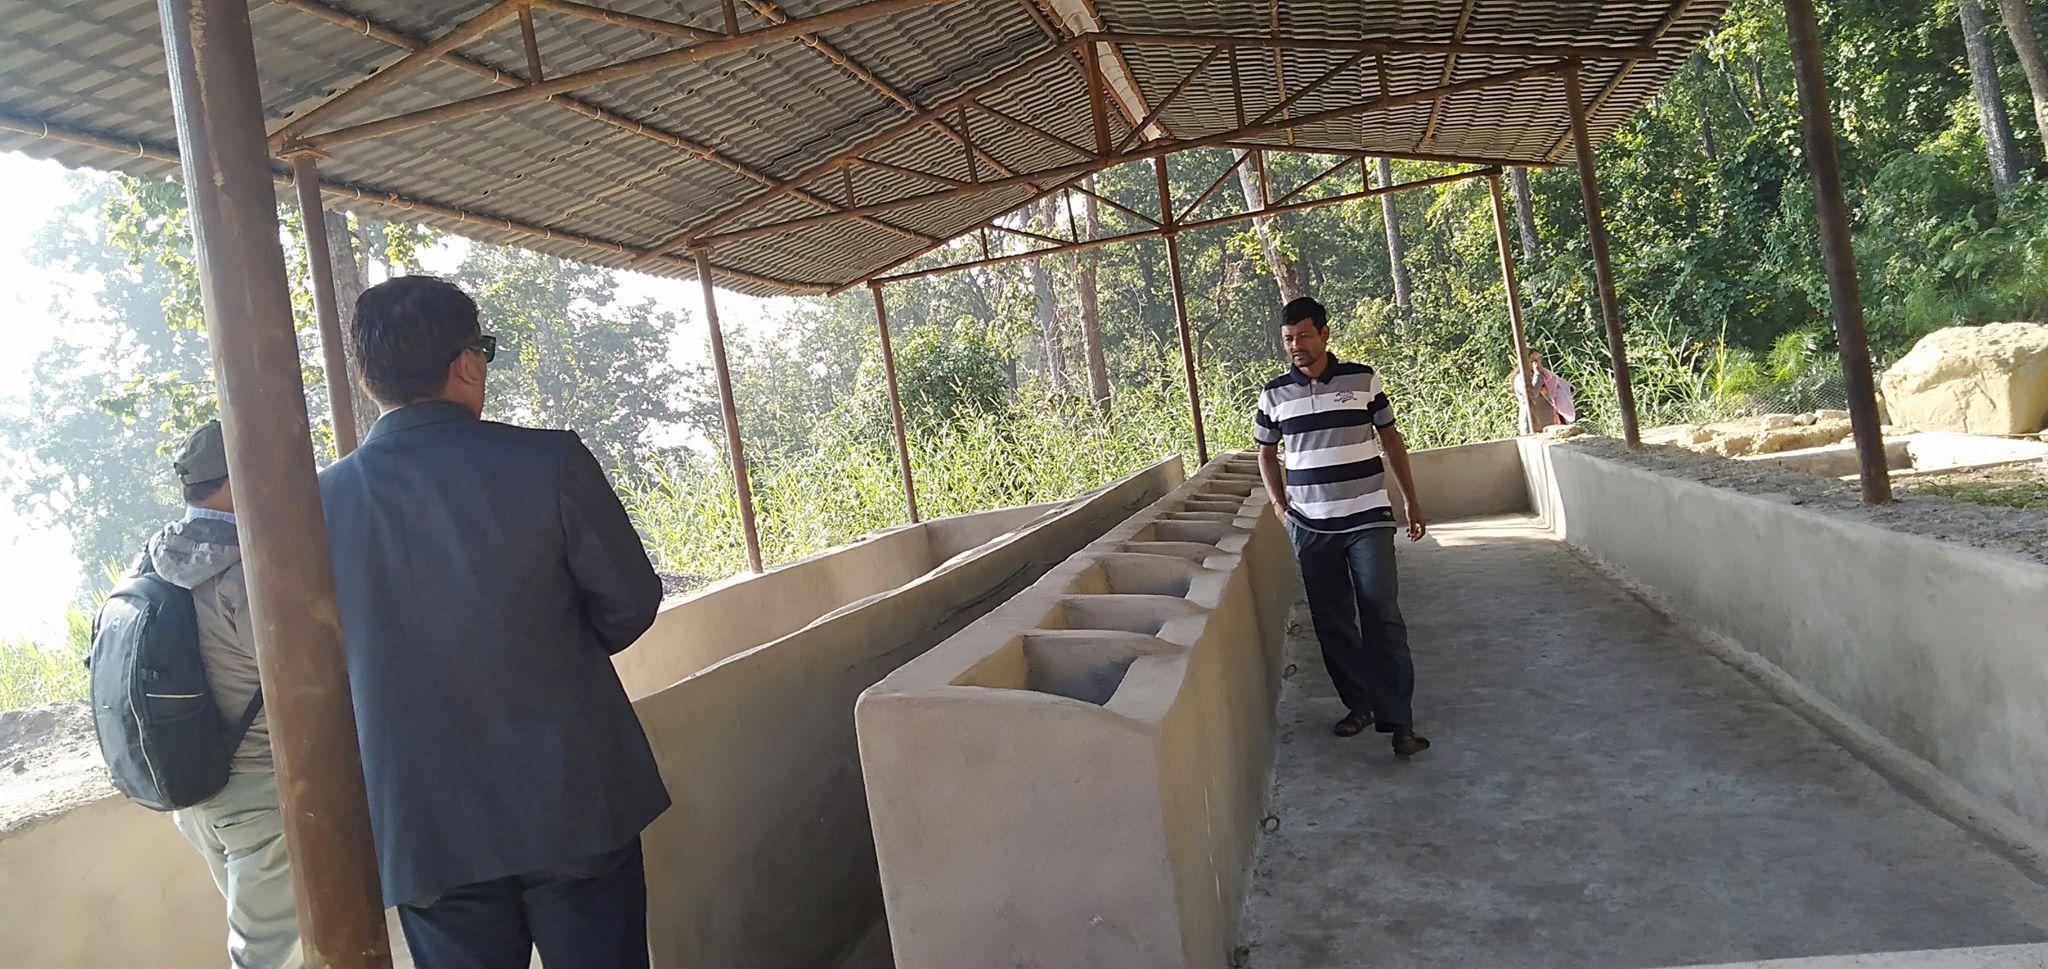 कर्णाली सरकारको लगानी बालुवामा पानी, उत्पादन गर्न भनेर लगेको सरकारी पैसा गोजीमा